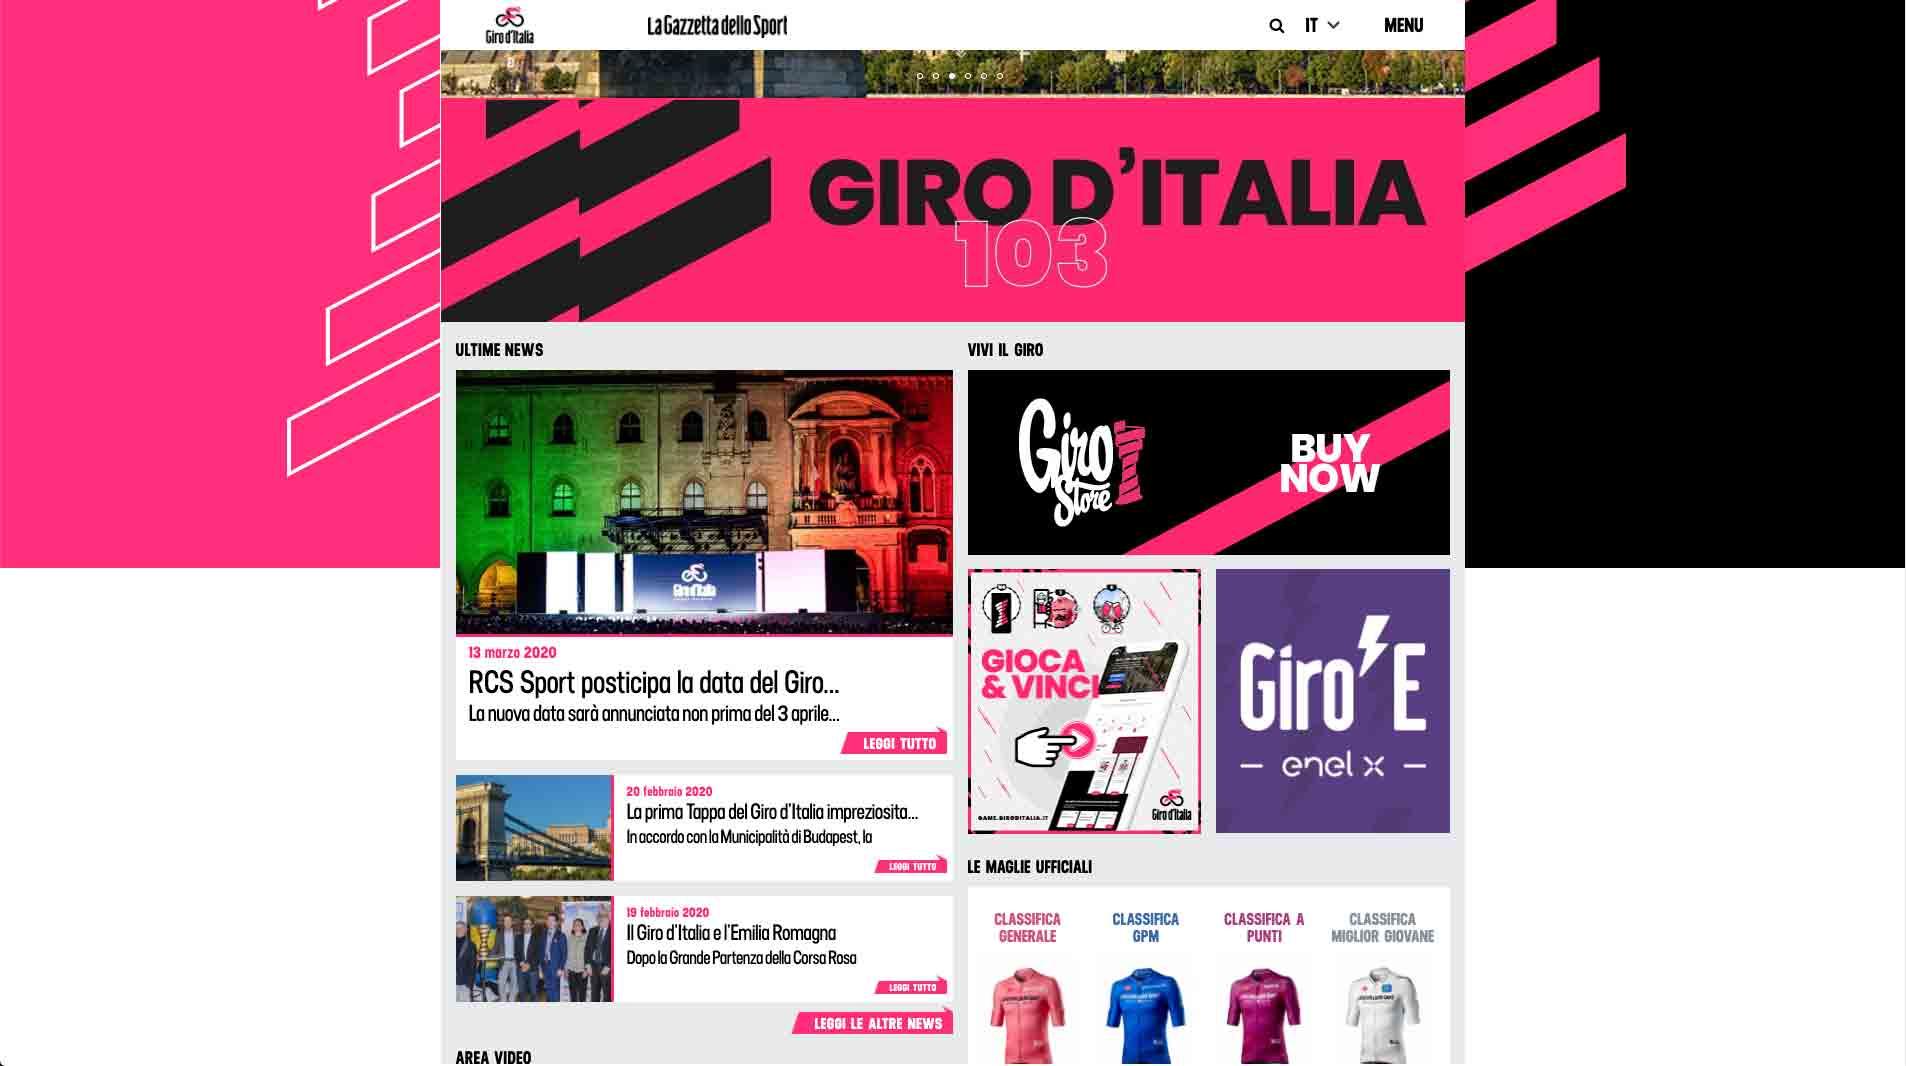 sito ufficiale giro d'italia